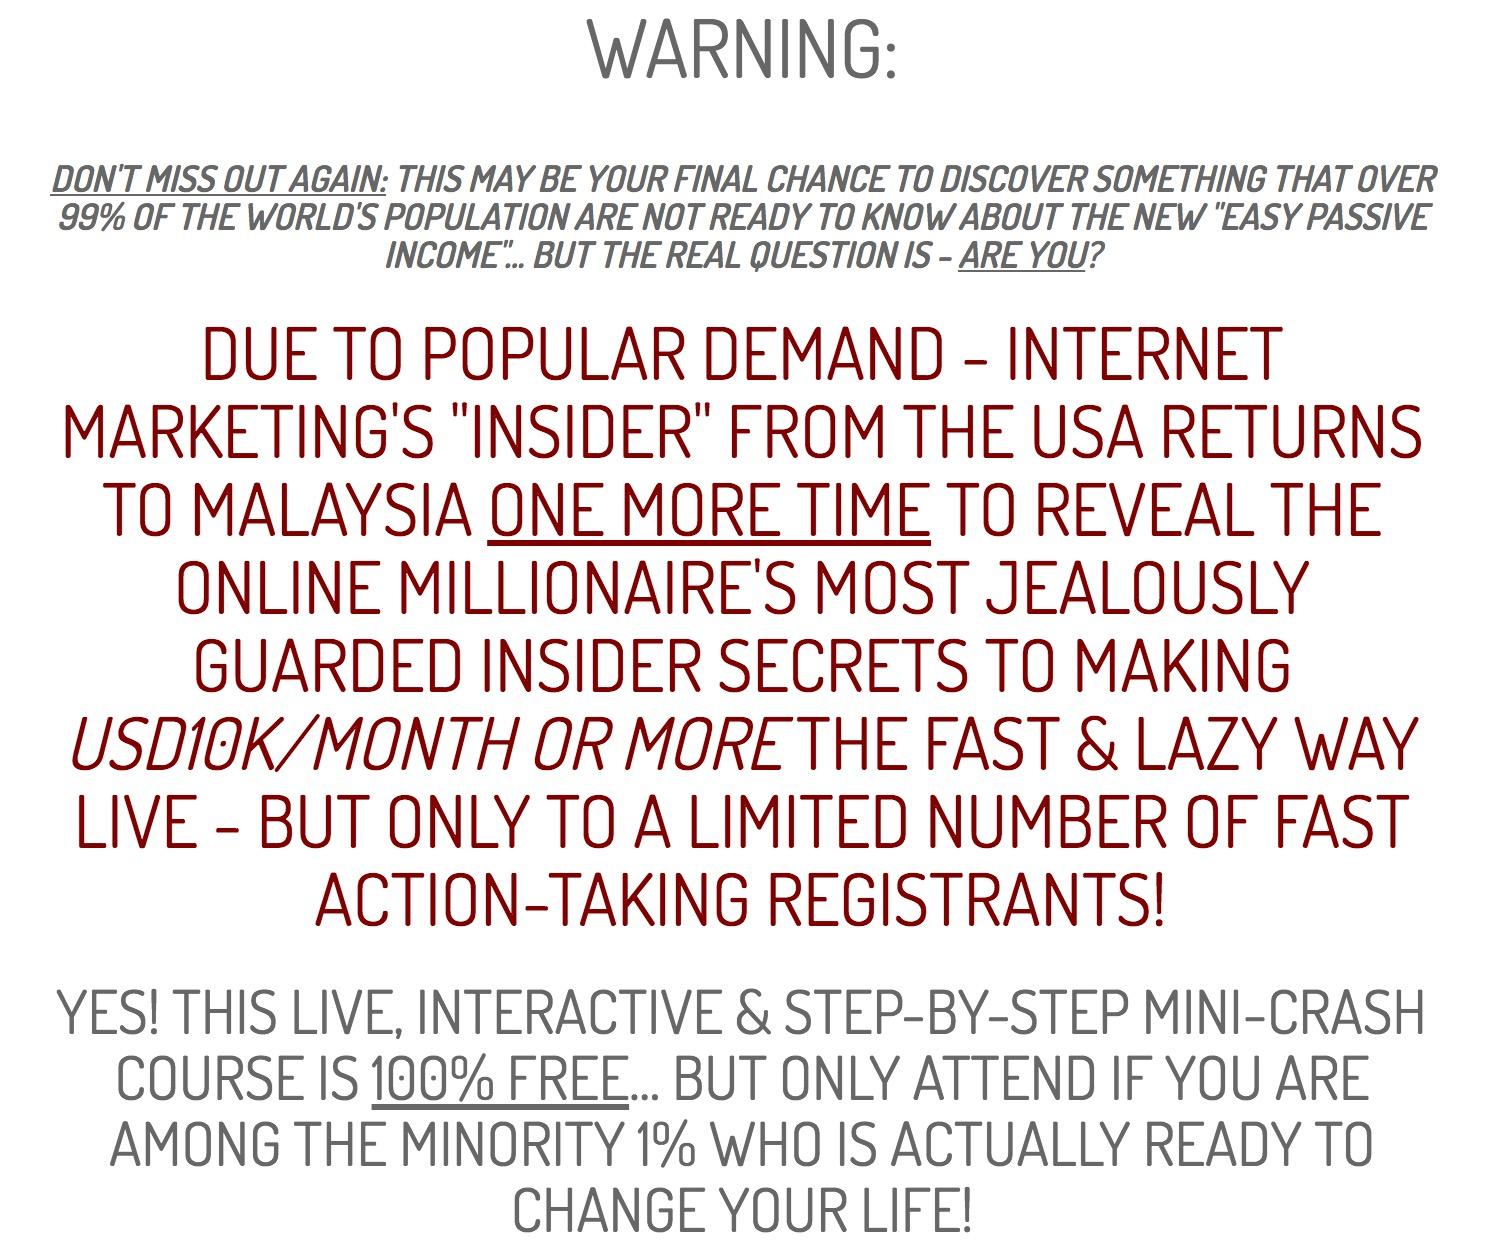 internet millionaire secrets 2017 encore